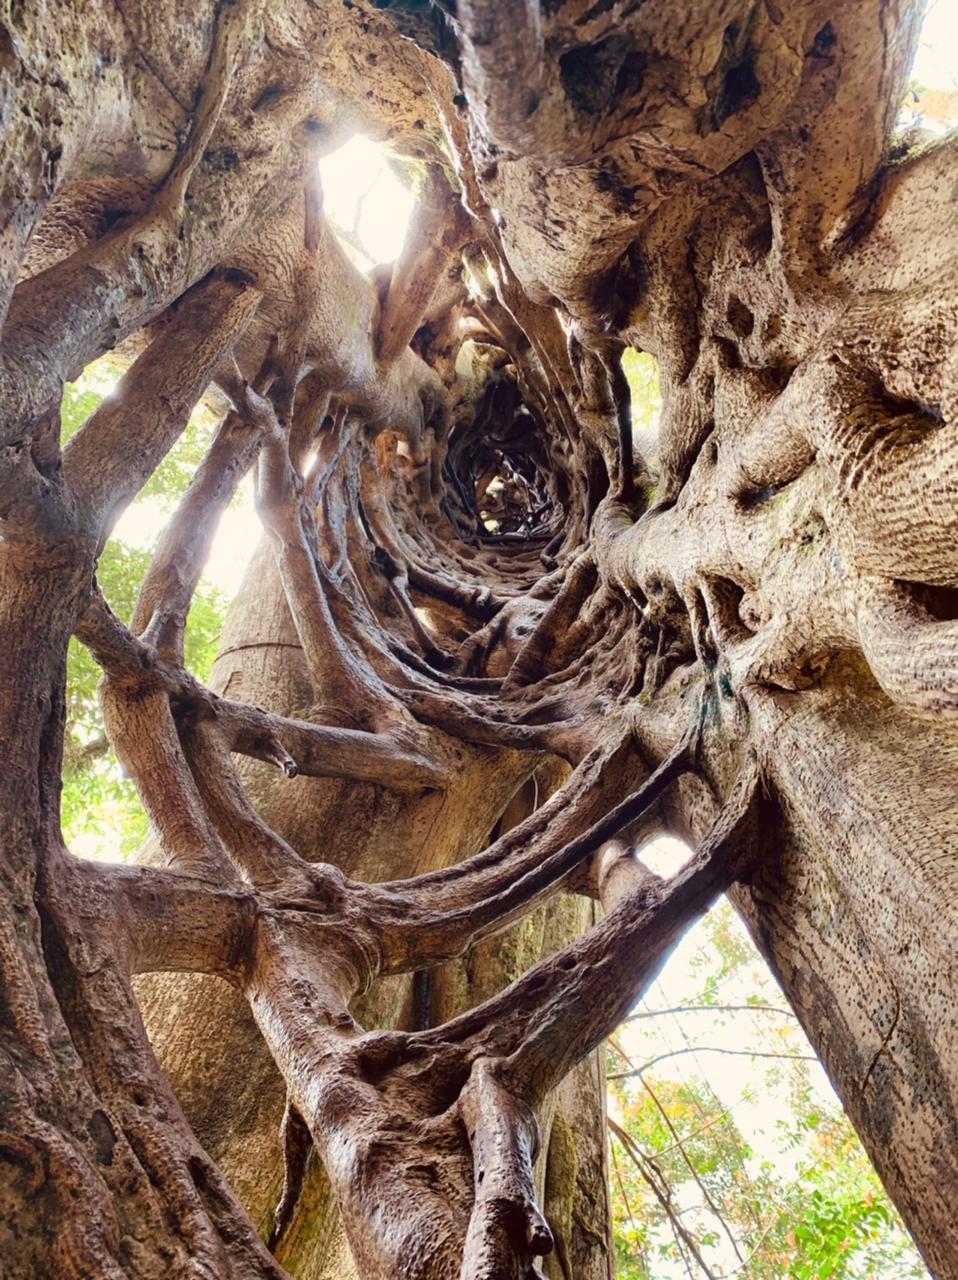 Escalada de un ficus matapalo en Monteverde